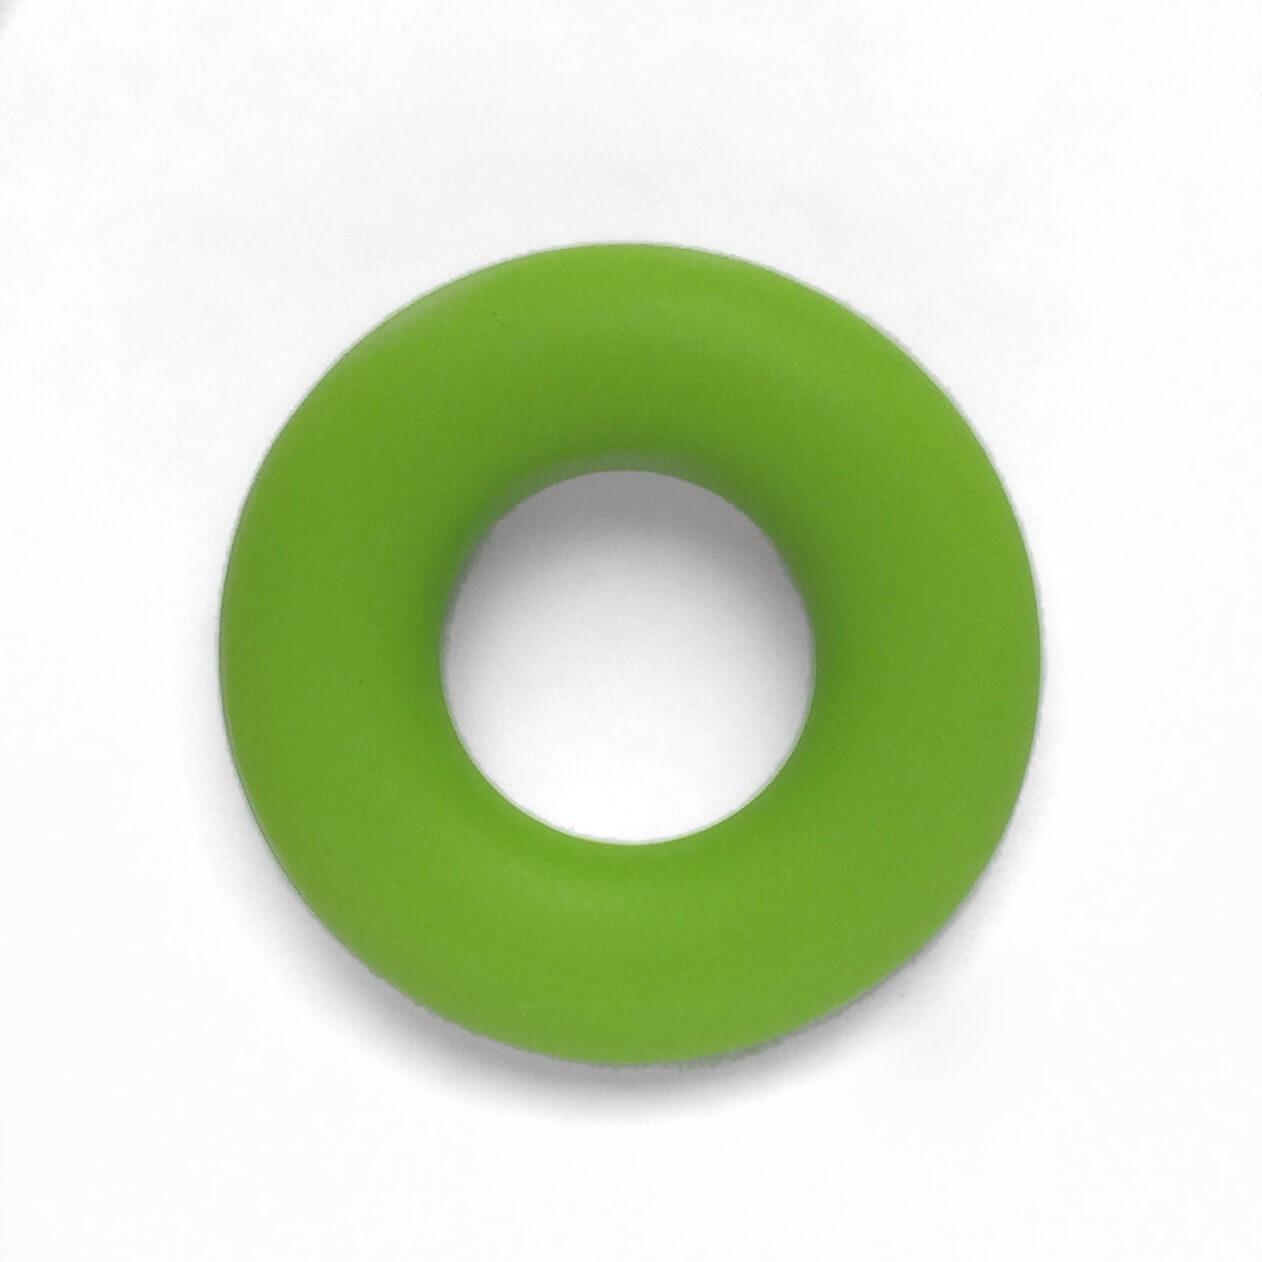 Колечко бублик (зеленый) 43мм, бусины из пищевого силикона